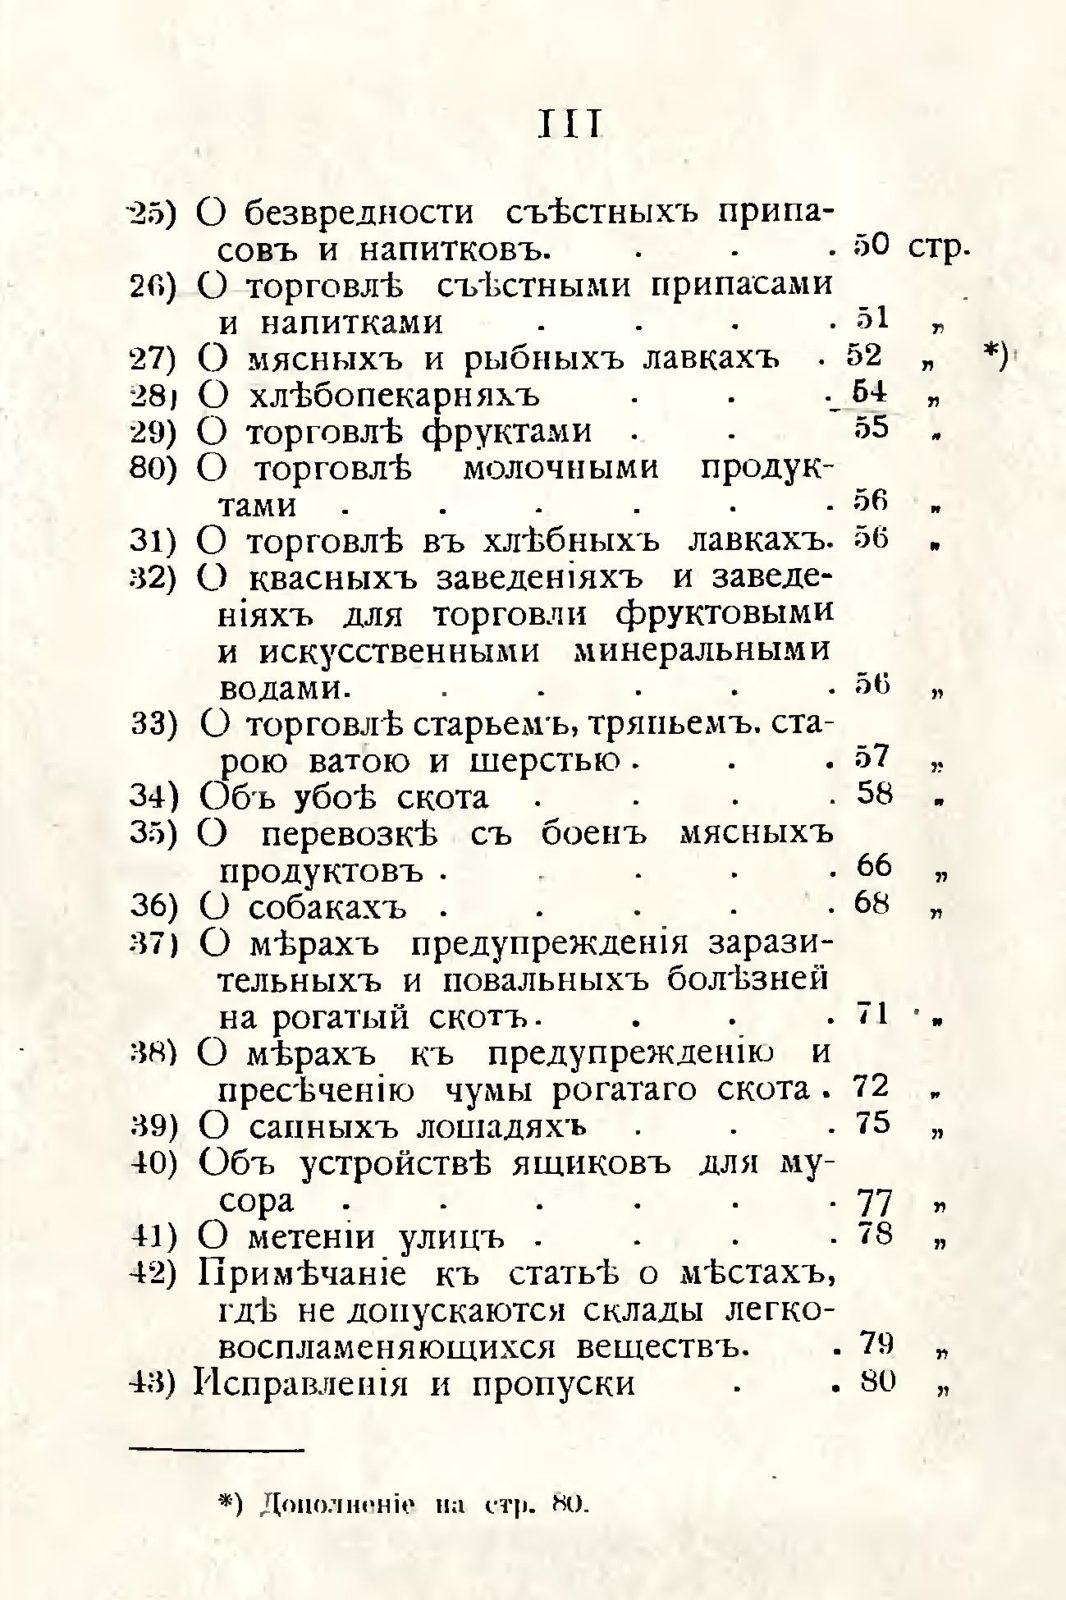 sbornik_obyazatelnyh_postanovlenii_tashkentskoi_gorodskoi_du_5